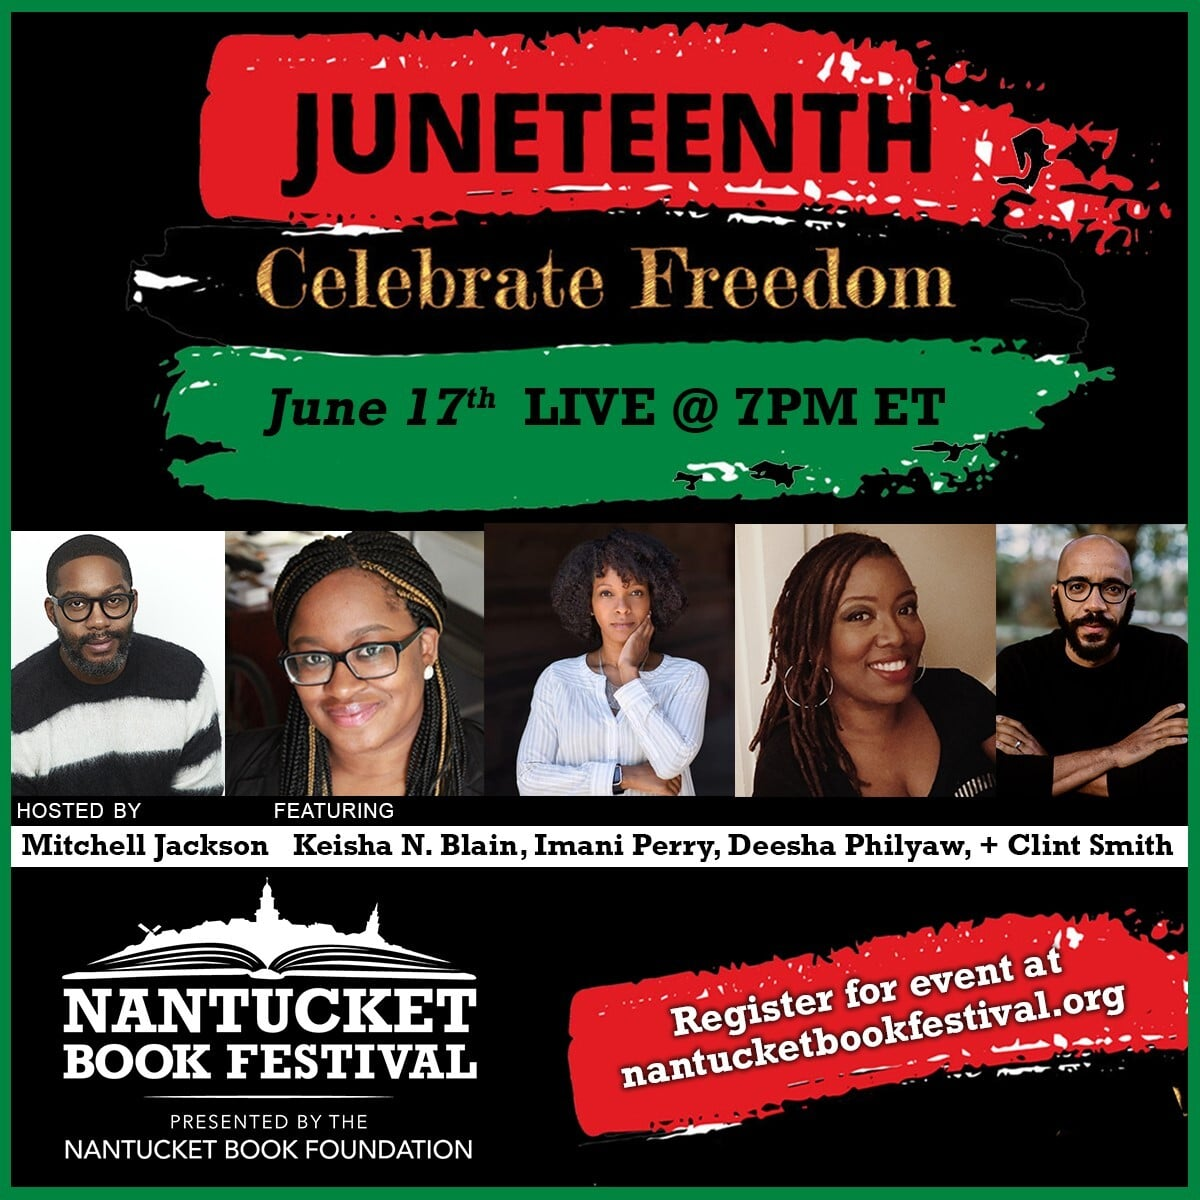 Nantucket Book Festival Juneteenth